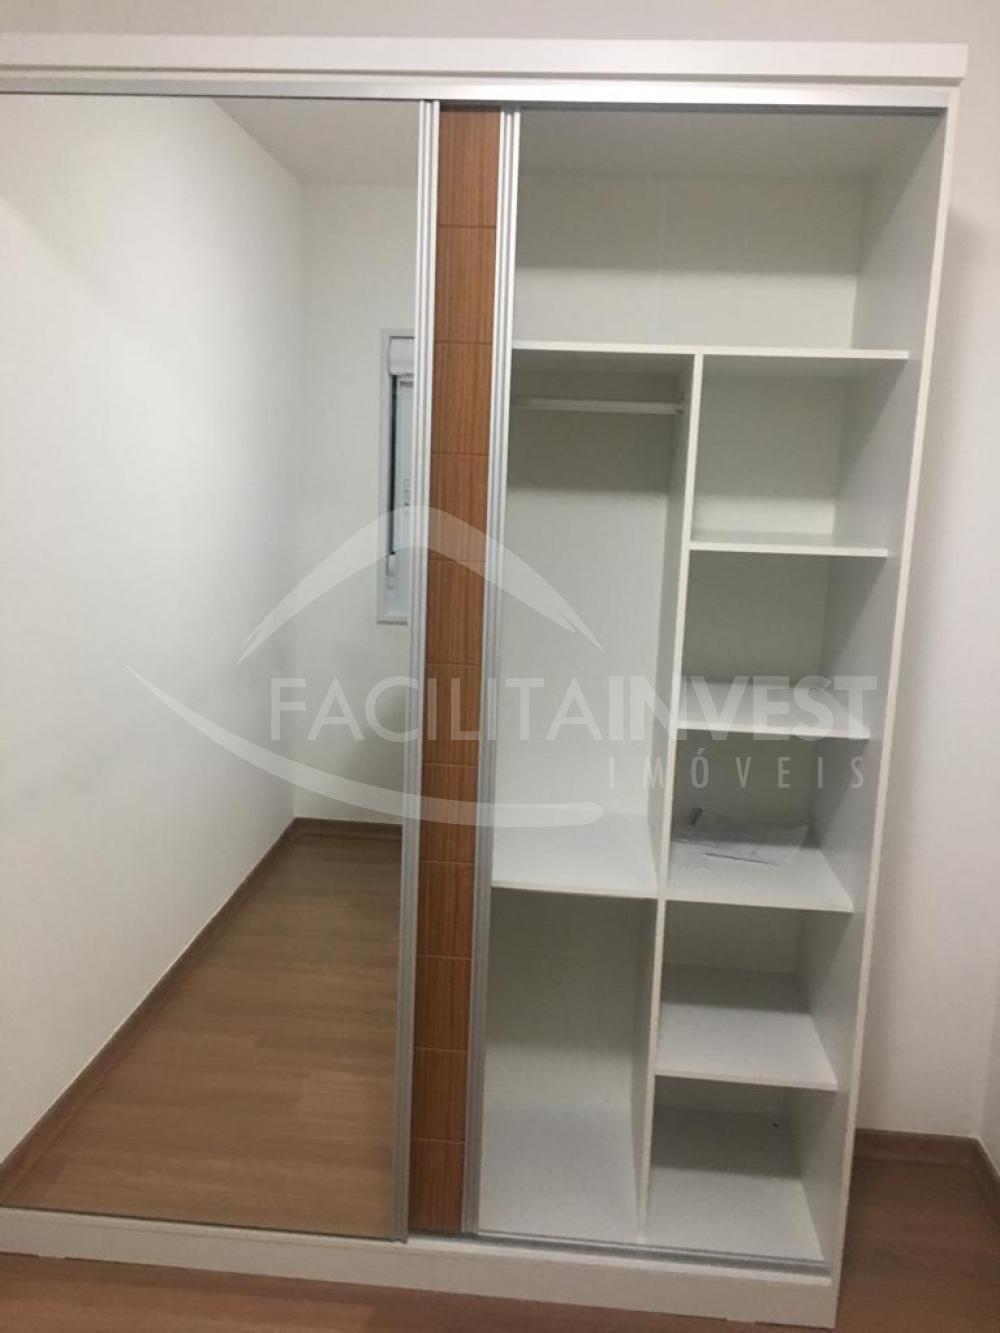 Alugar Apartamentos / Apart. Padrão em Ribeirão Preto apenas R$ 2.700,00 - Foto 12